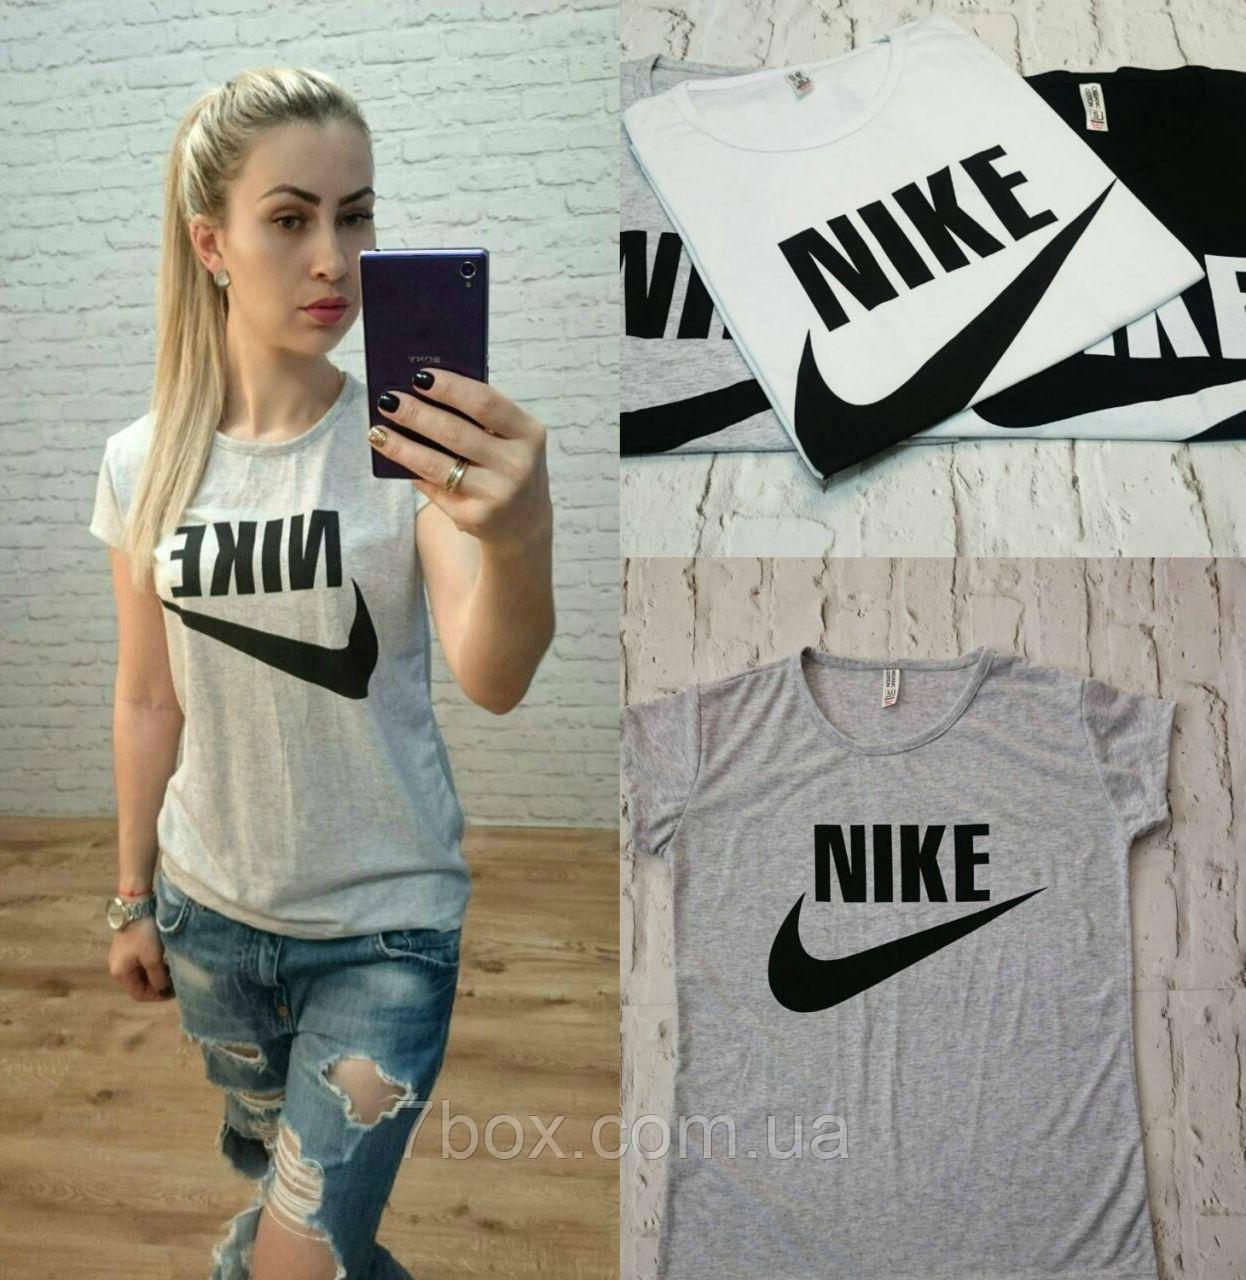 Футболка женская оптом реплика Nike s,m,l серый